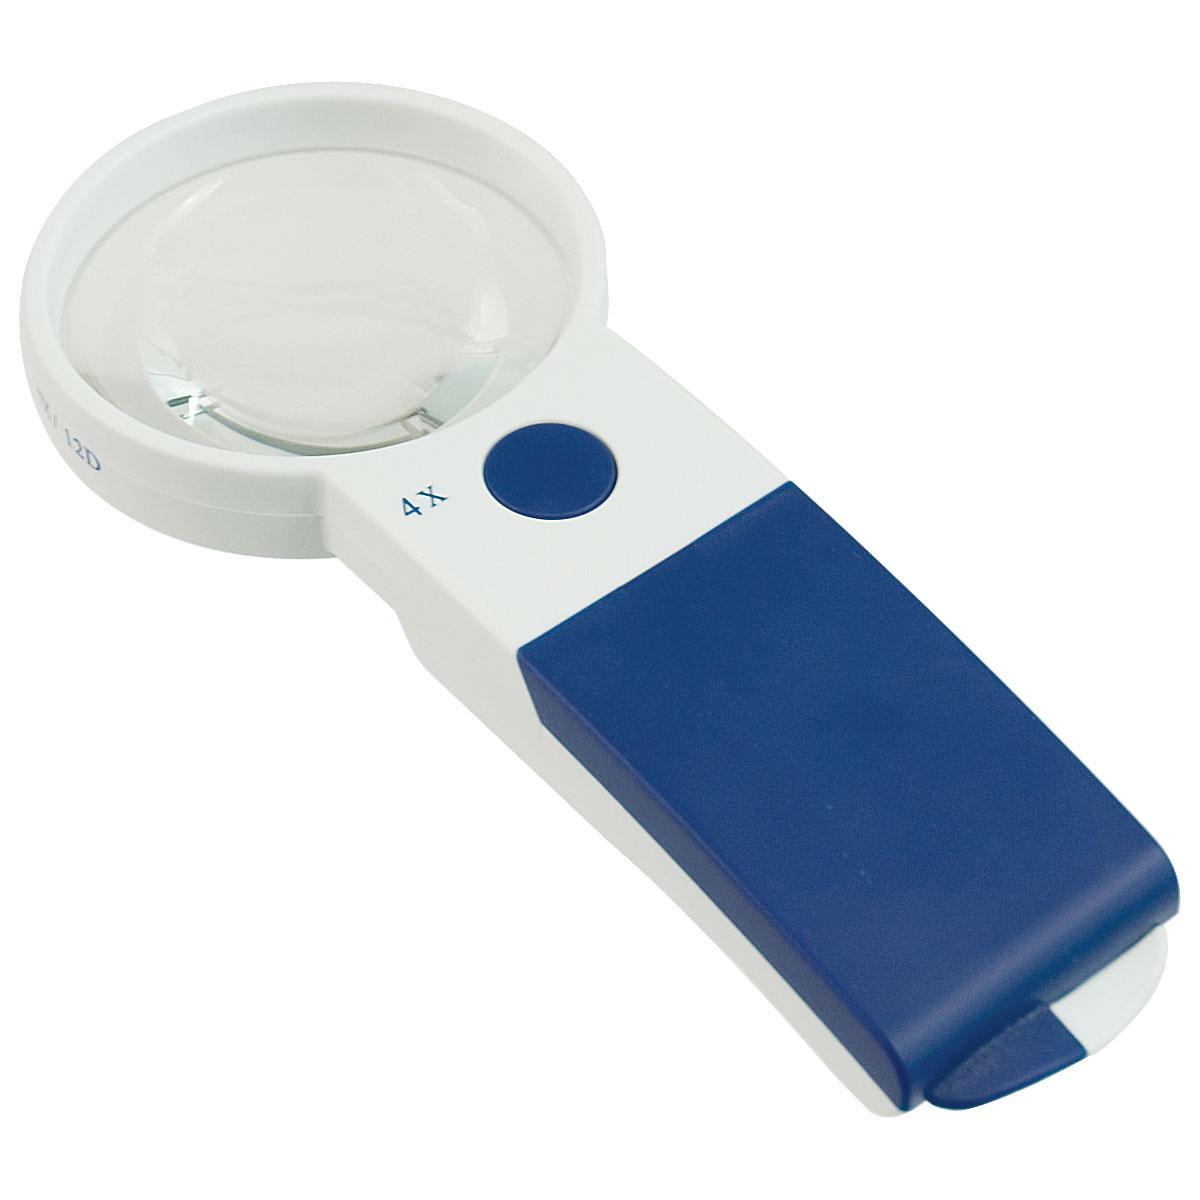 Reizen EZ Touch 4X 12D LED Handheld Magnifier- Round Lens 70mm